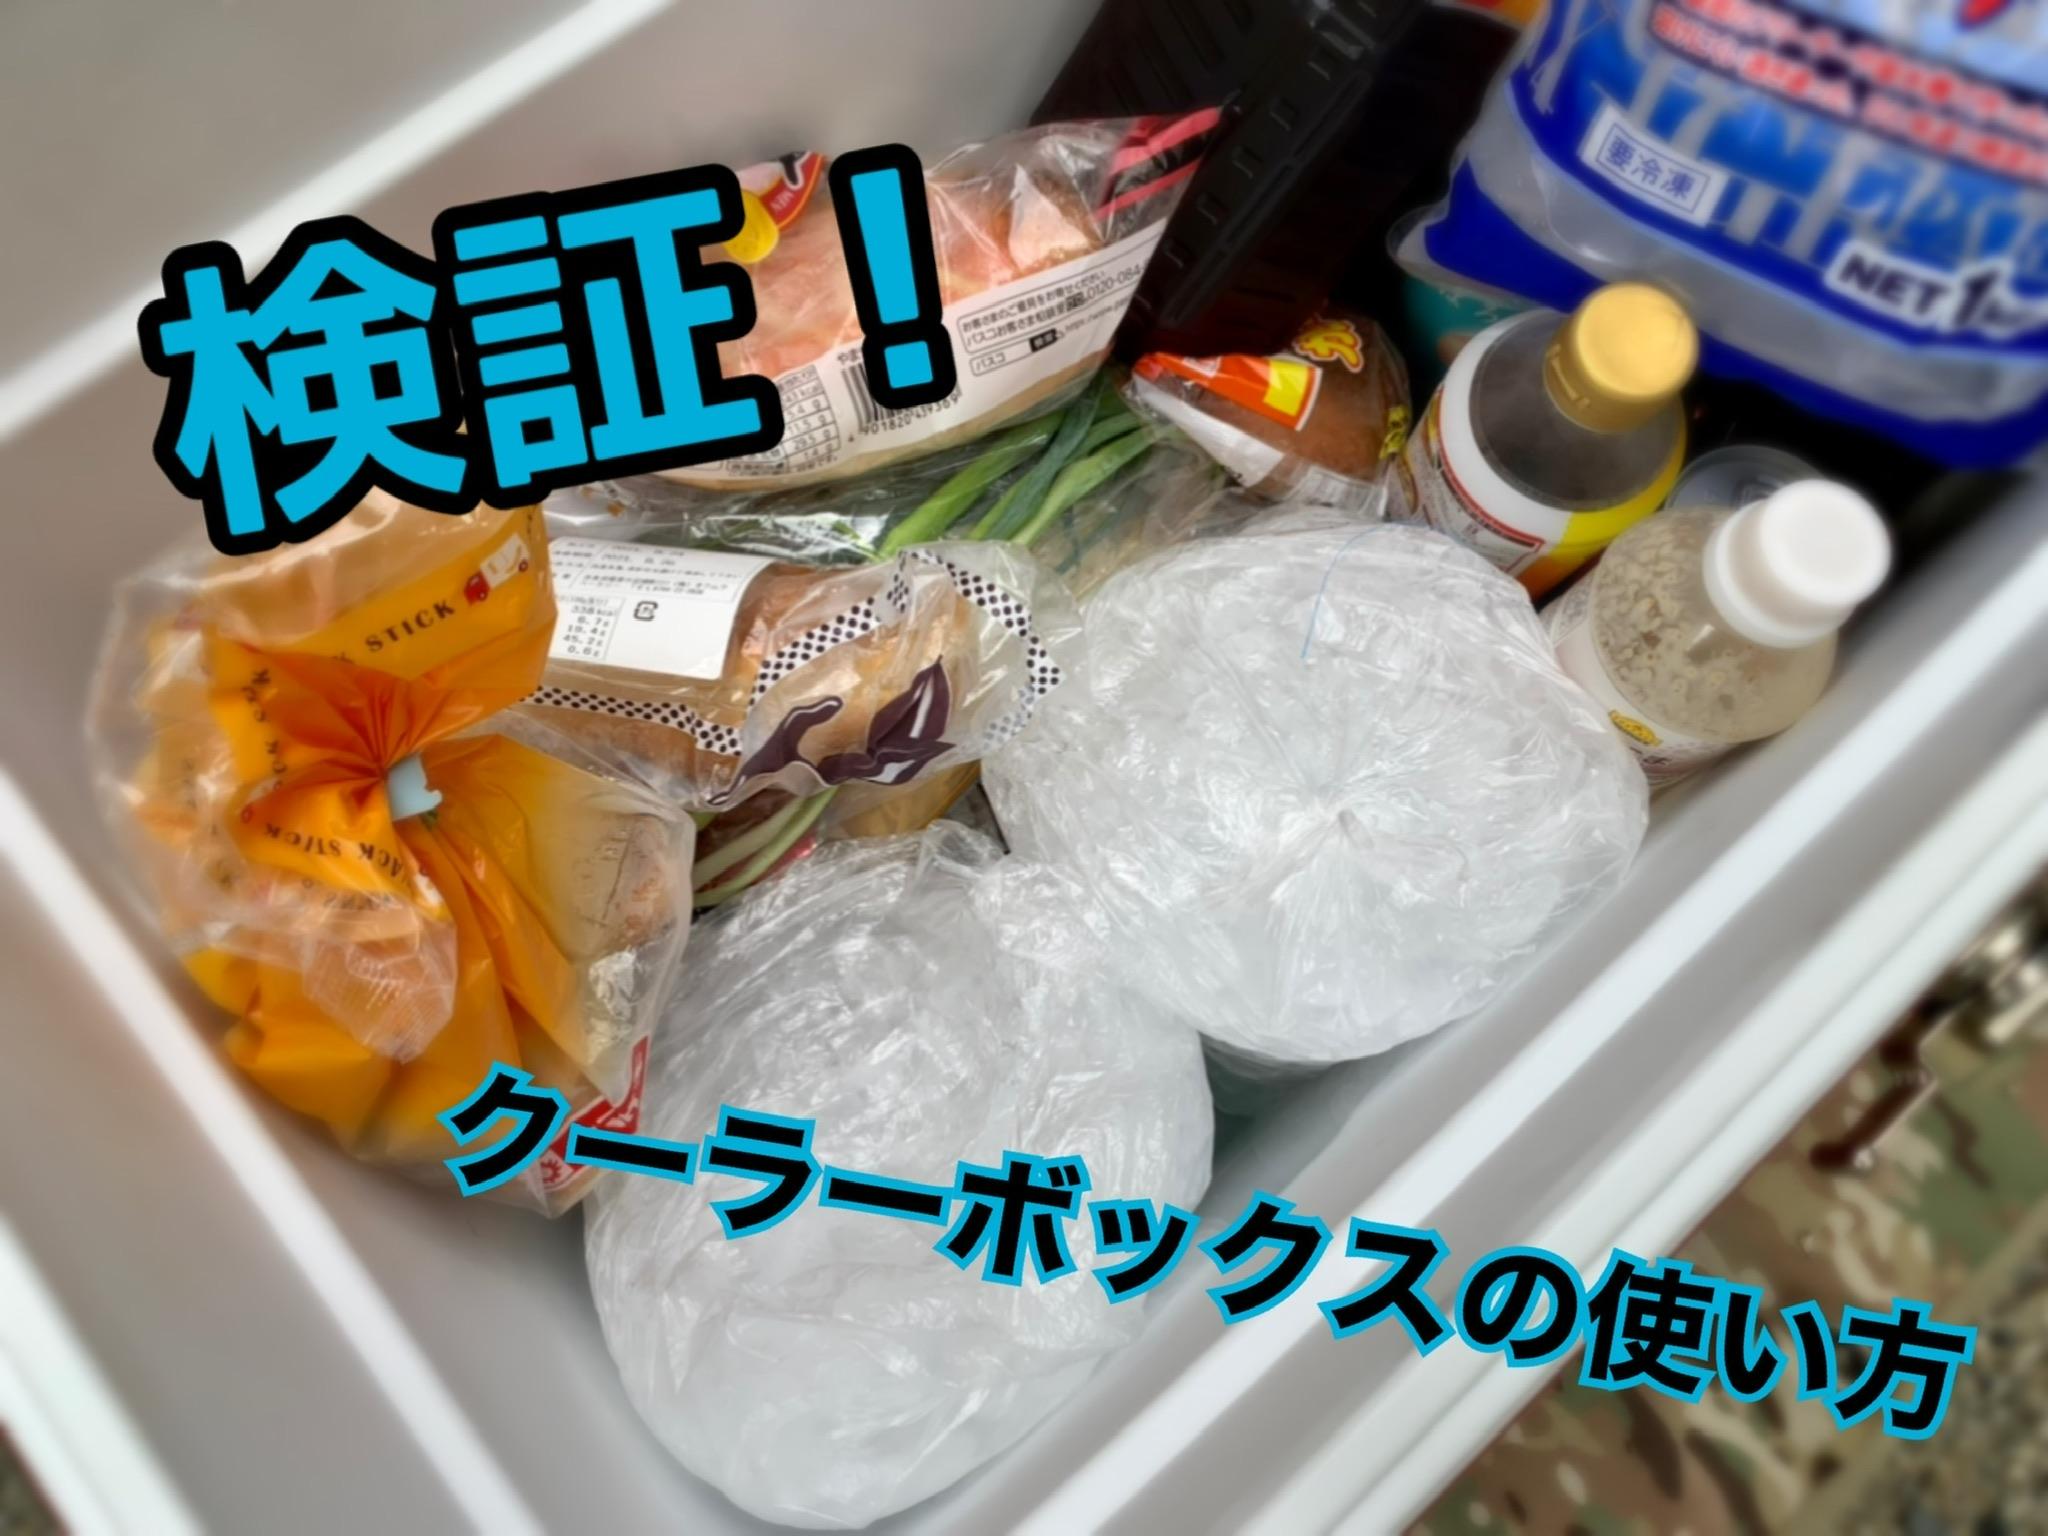 キャンプでの冷蔵庫役。クーラーボックスの使い方について考えてみる。